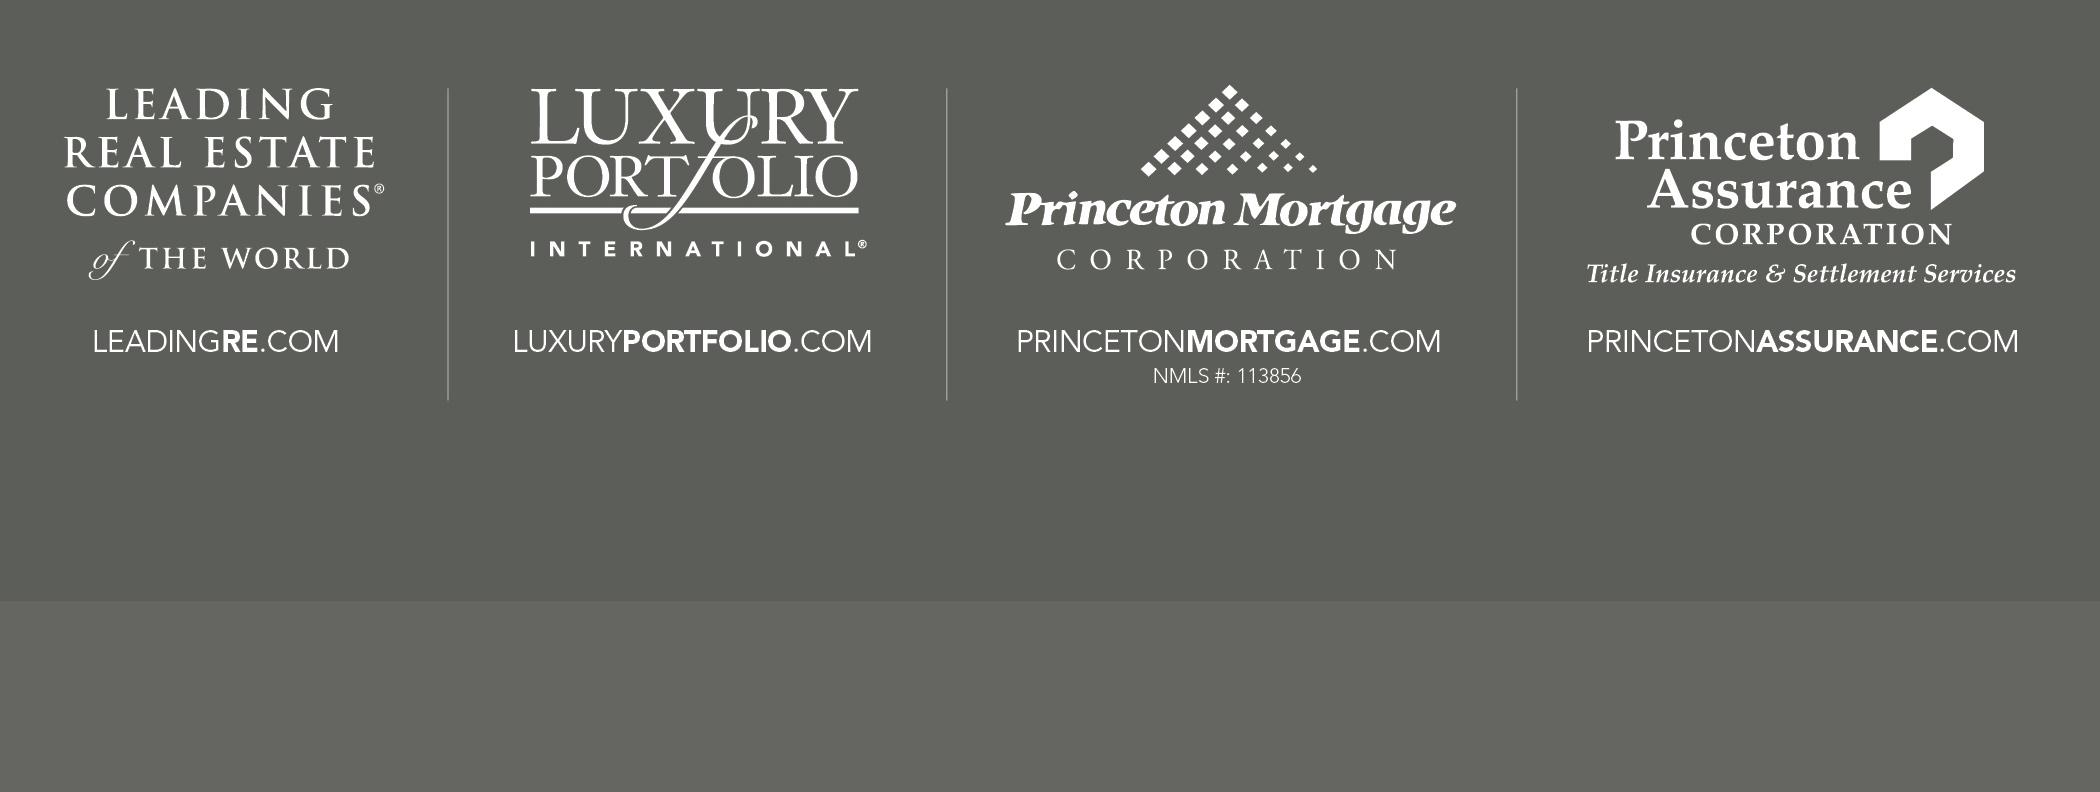 Home page graphics_bottom logos on grey